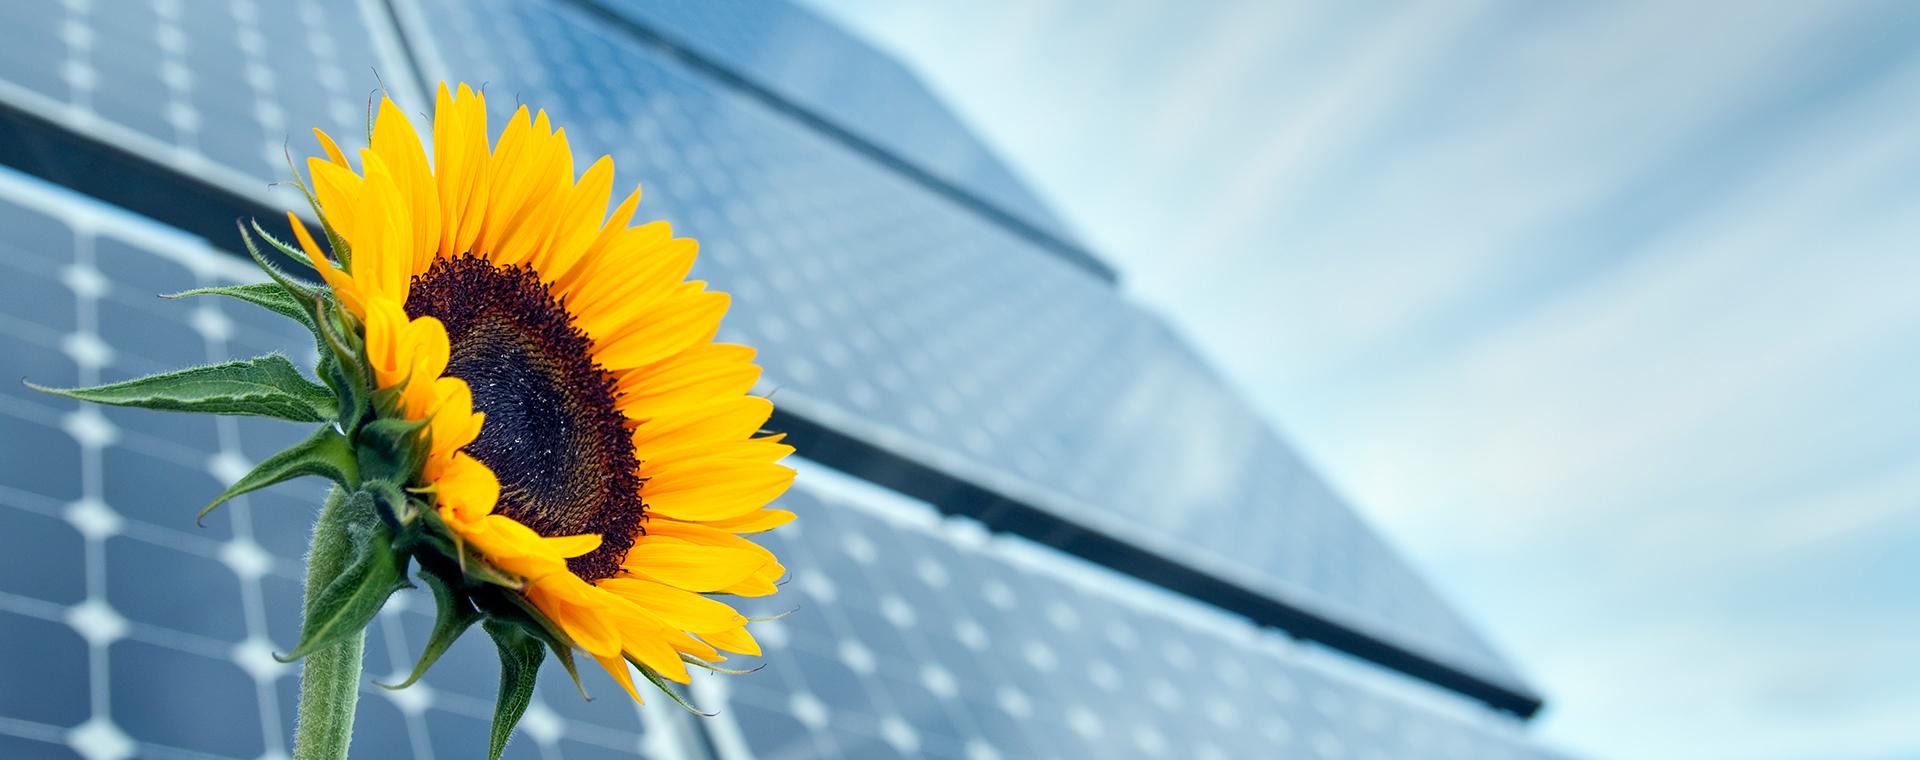 Монтаж мережевої сонячної електростанції